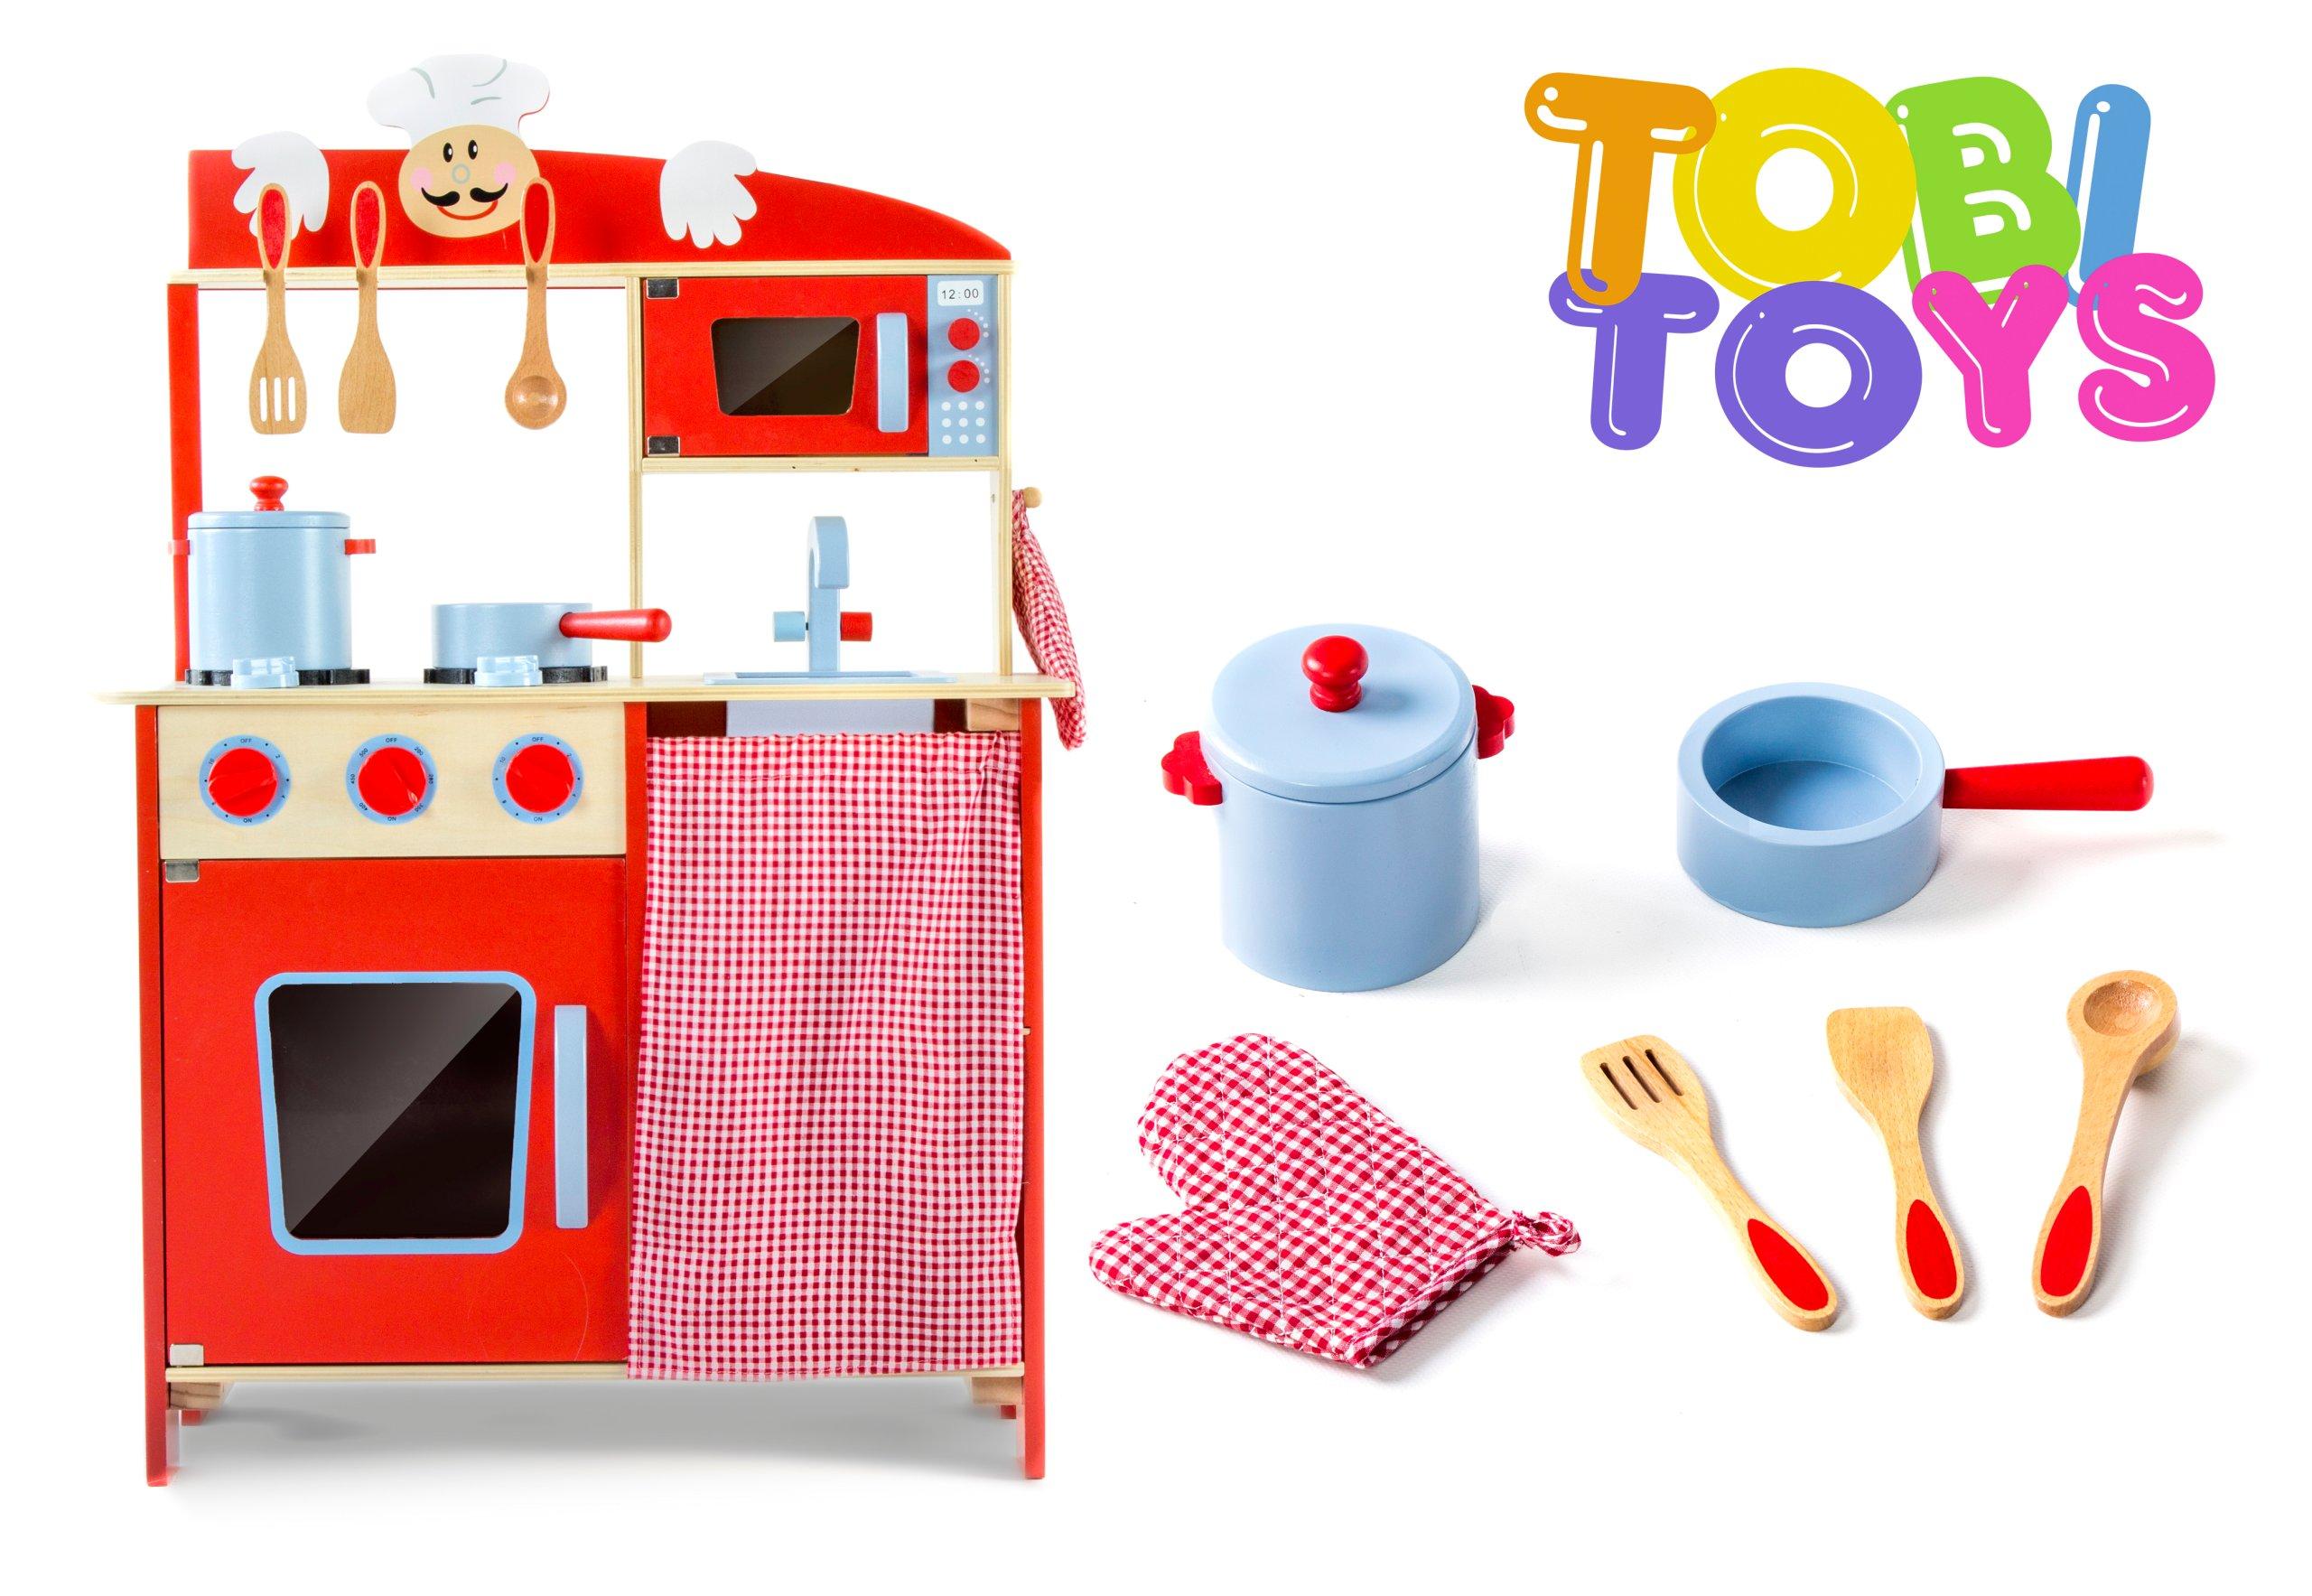 Kuchenka Drewniana Kuchnia Akcesoria Tobi Toys W72